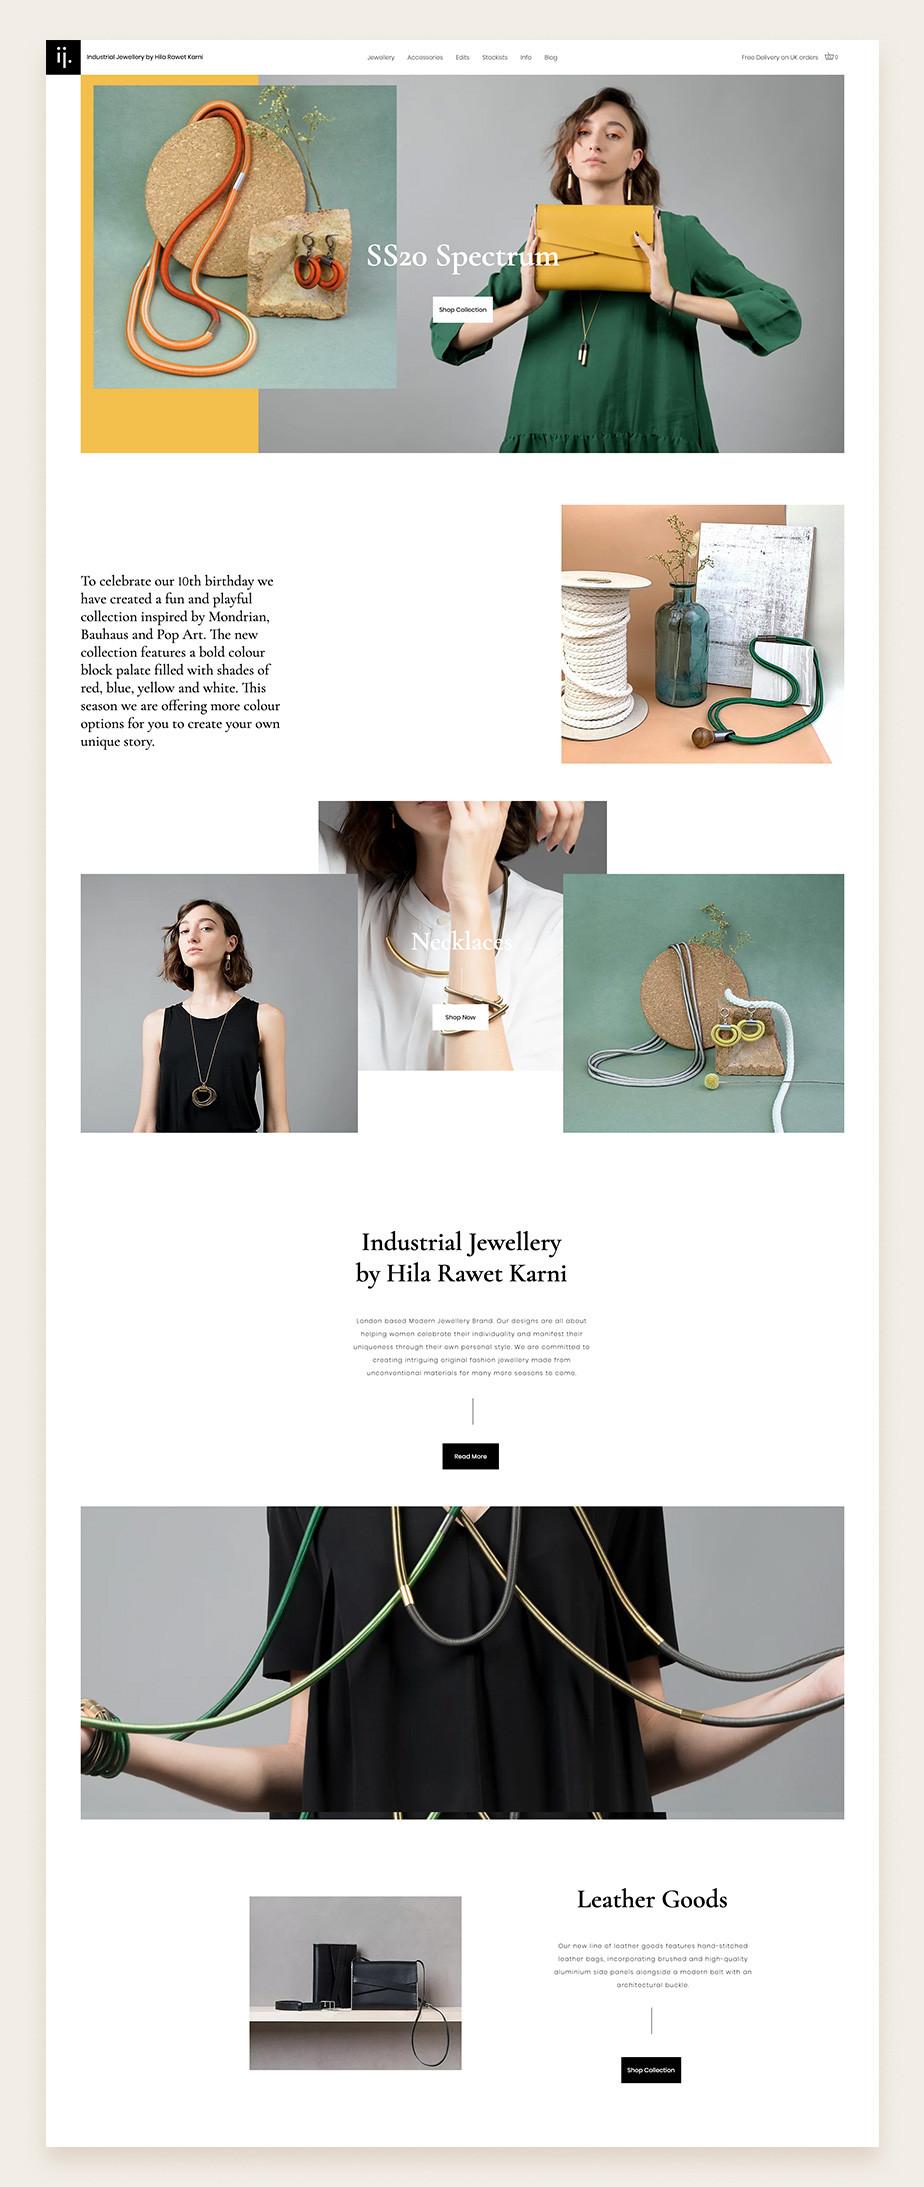 Примеры сайтов на Wix: Hila Rawet Karni